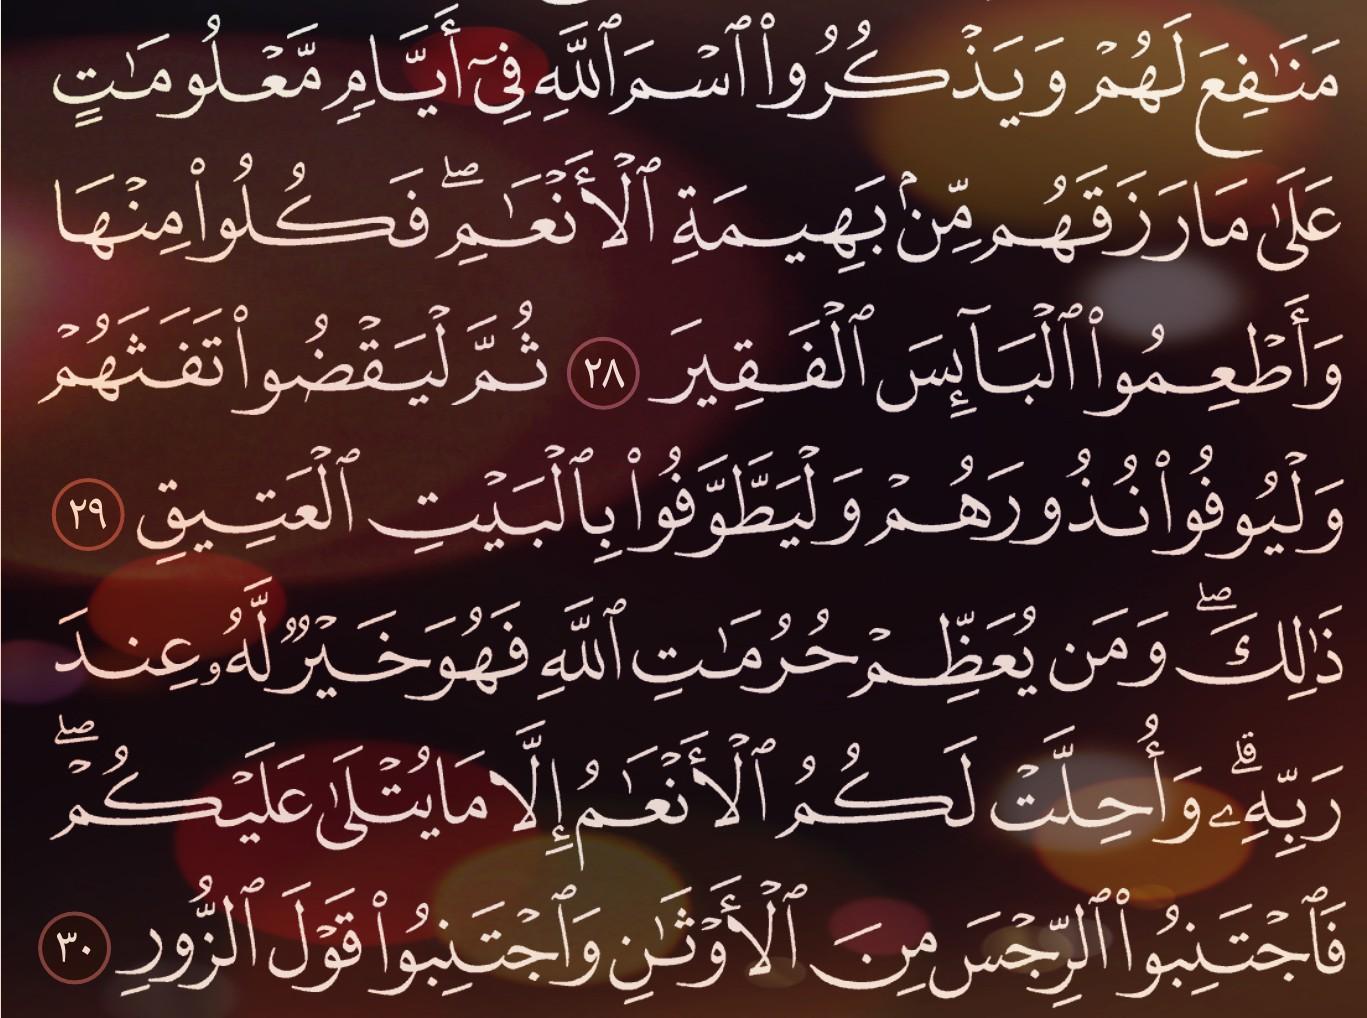 شرح وتفسير سورة الحج Surah Al Hajj ( من الآية 24 إلى الاية 34 )